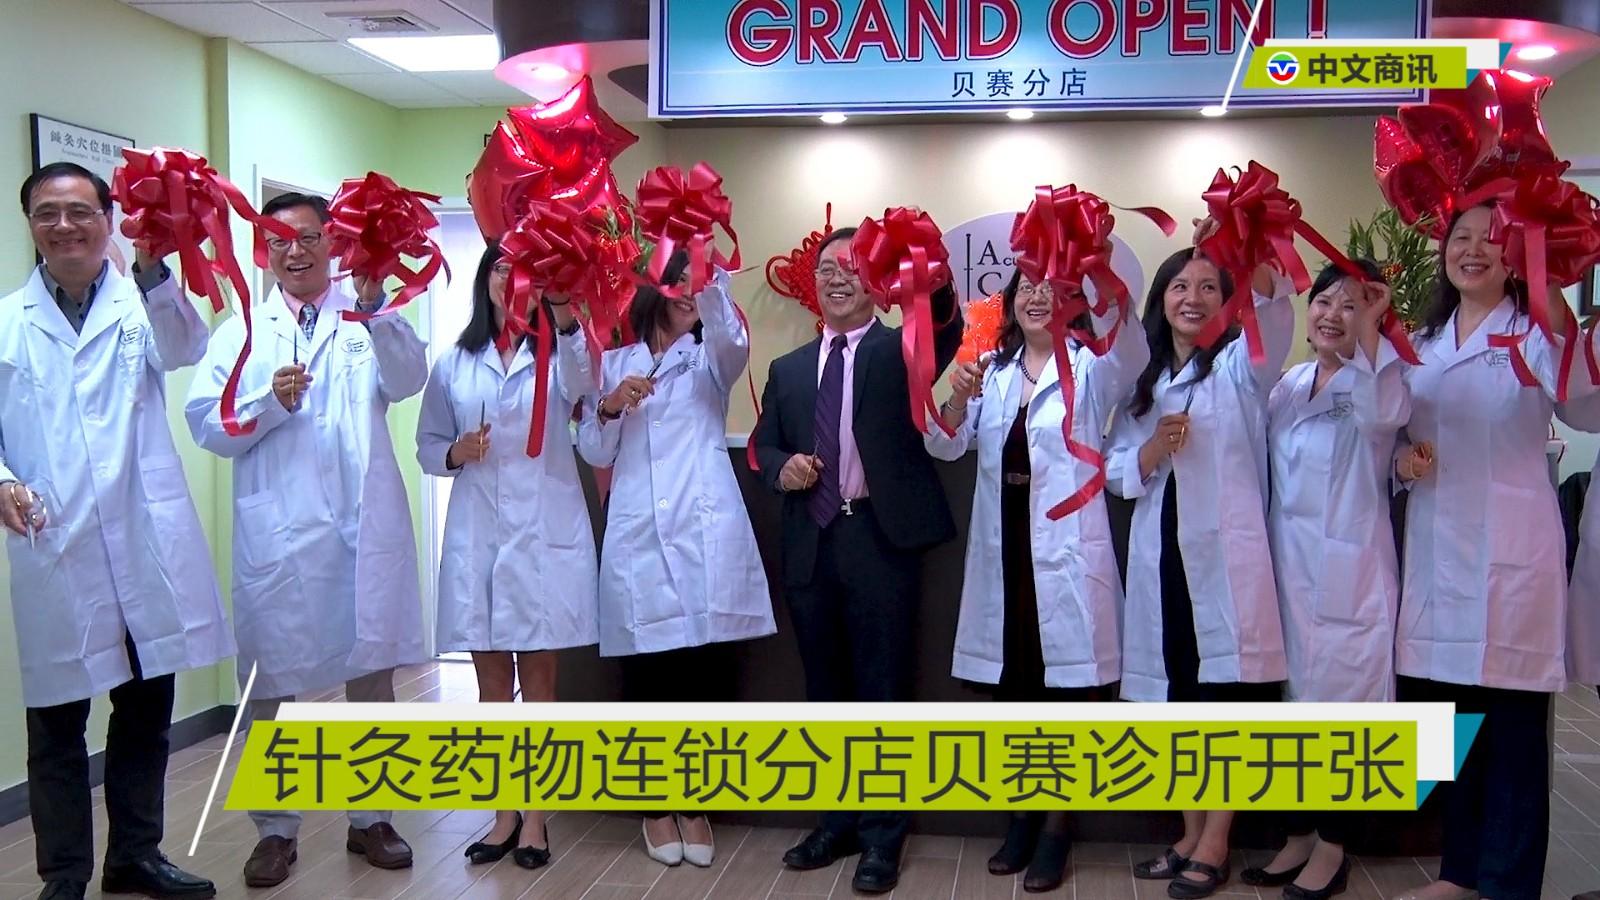 【视频】针灸药物连锁分店贝赛诊所开张